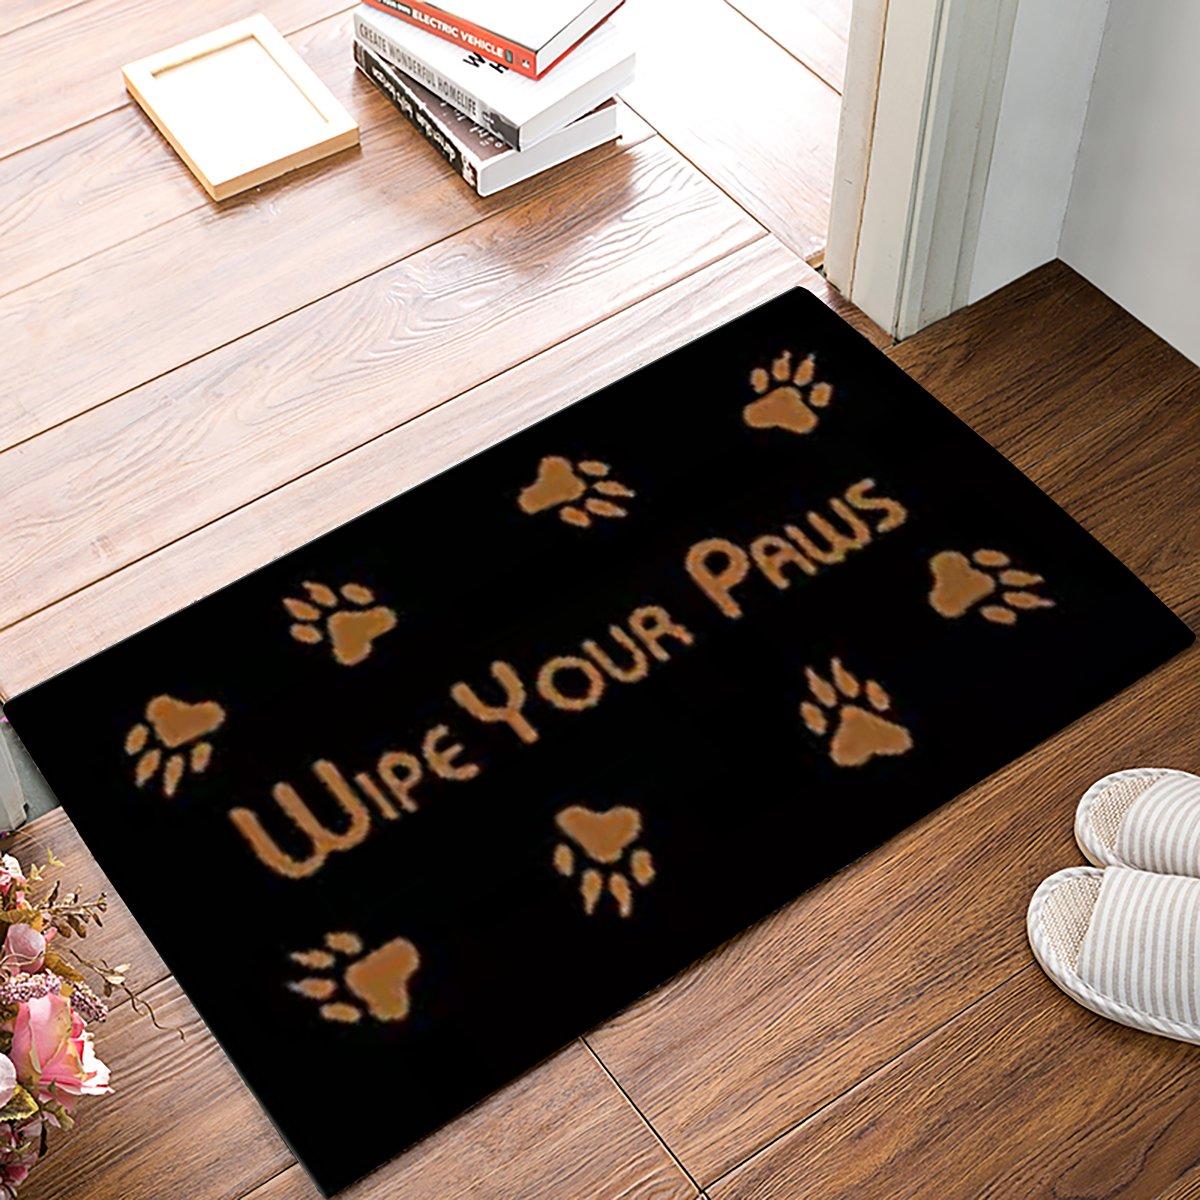 Large Wipe Your Paws Welome Doormats Front Door Mat Waterproof Shoes Scraper Entryway Rug for Indoor Kitchen Floor Bathroom Patio Porch Home Decor Recycled Rubber Non Slip 18 x 30 Inch